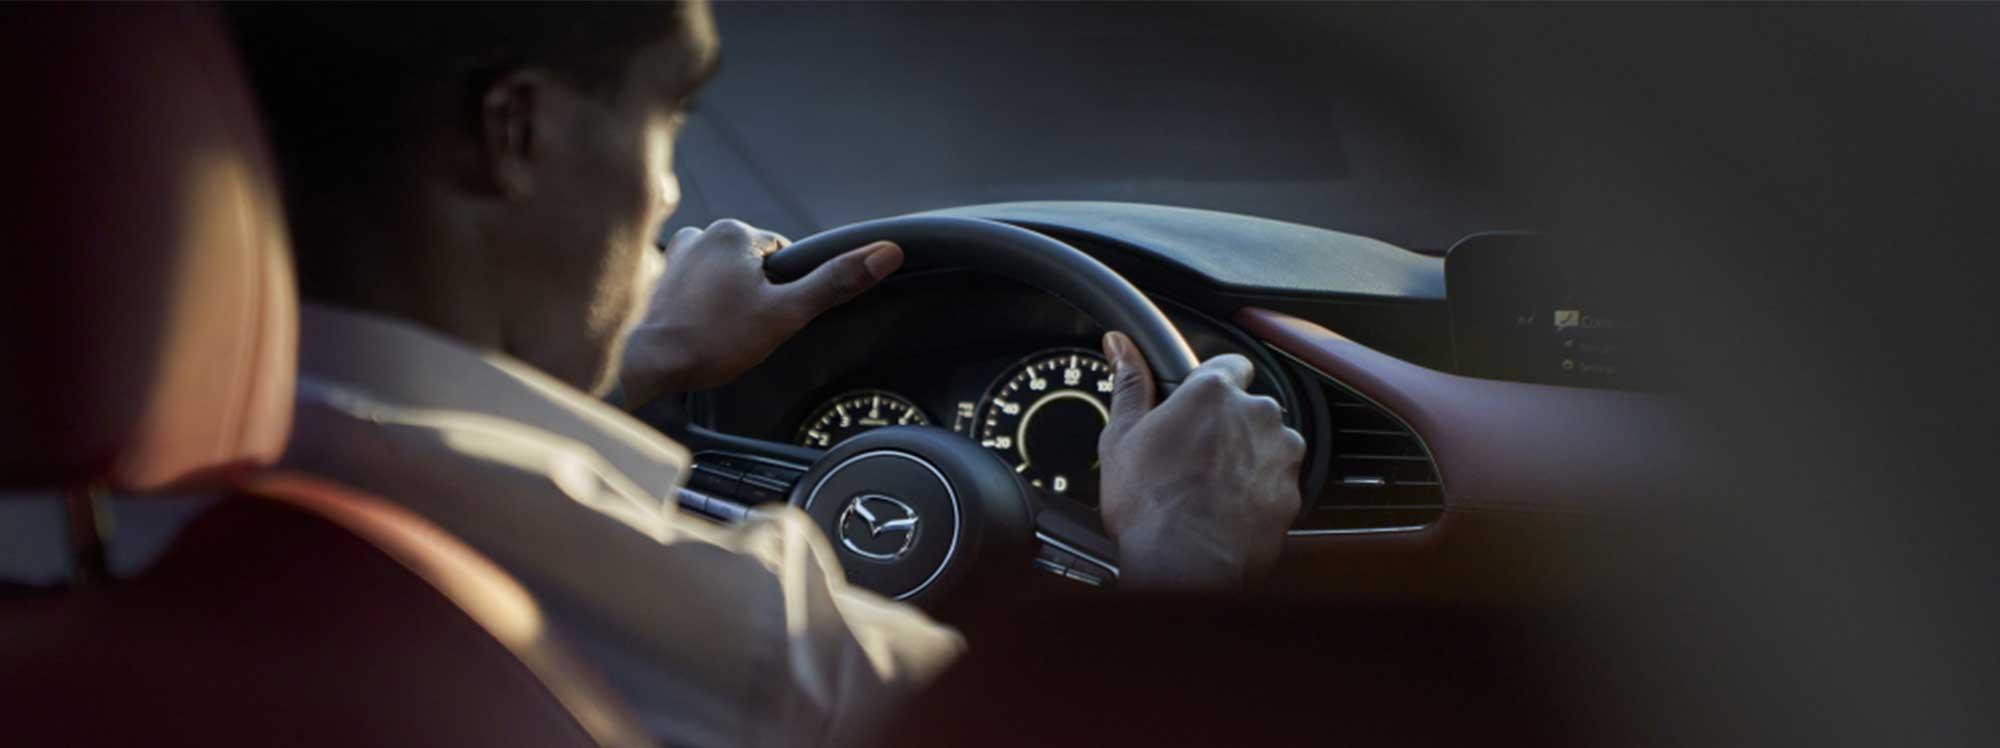 Mazda3 2.5 ofrece una conducción prémium, más segura